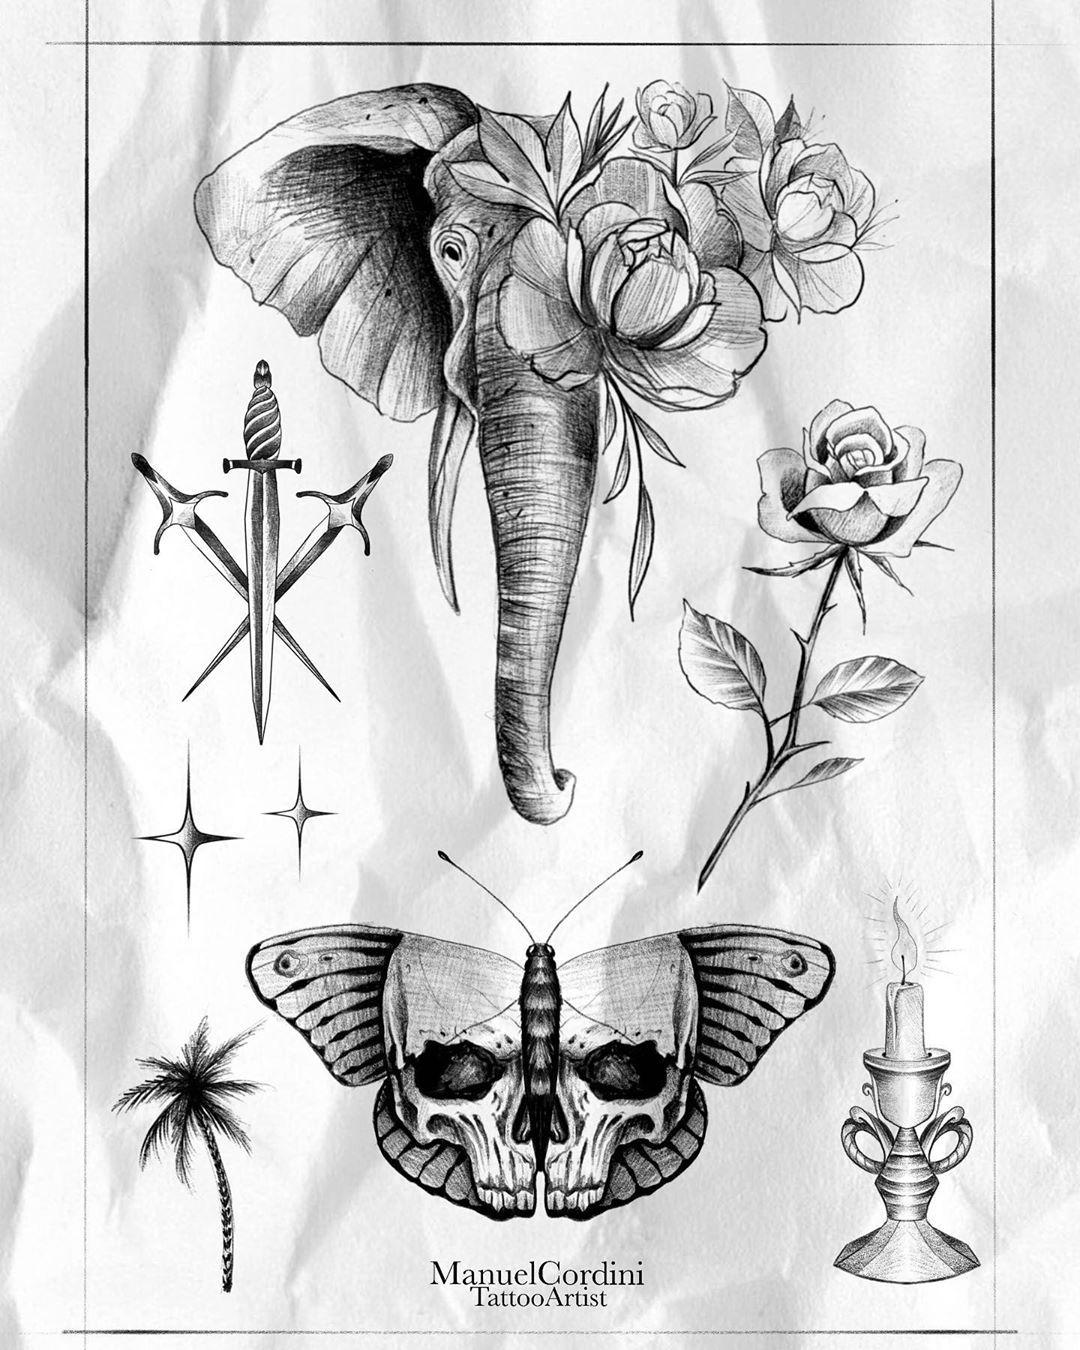 Quarantena. Disponibili solo La Rosa e la candela, tutto il resto prenotato 🖤🗡 Per info e appuntamenti [messaggio privato] . . . #flowers #animals #drawing #sketch #smalltattoo #finelinetattoo #tattoo #blacktatts #blackworks #blackwork #flowerstattoo #finelinetattoos #smalltattoo #ttblackink #tattoo #tattoos #tattooed  #btattooing #art #artist #iblackwork #tattooblack #arts  #blackworkstattoo #finetattoos #inked #sketching #finetattoo #drawing